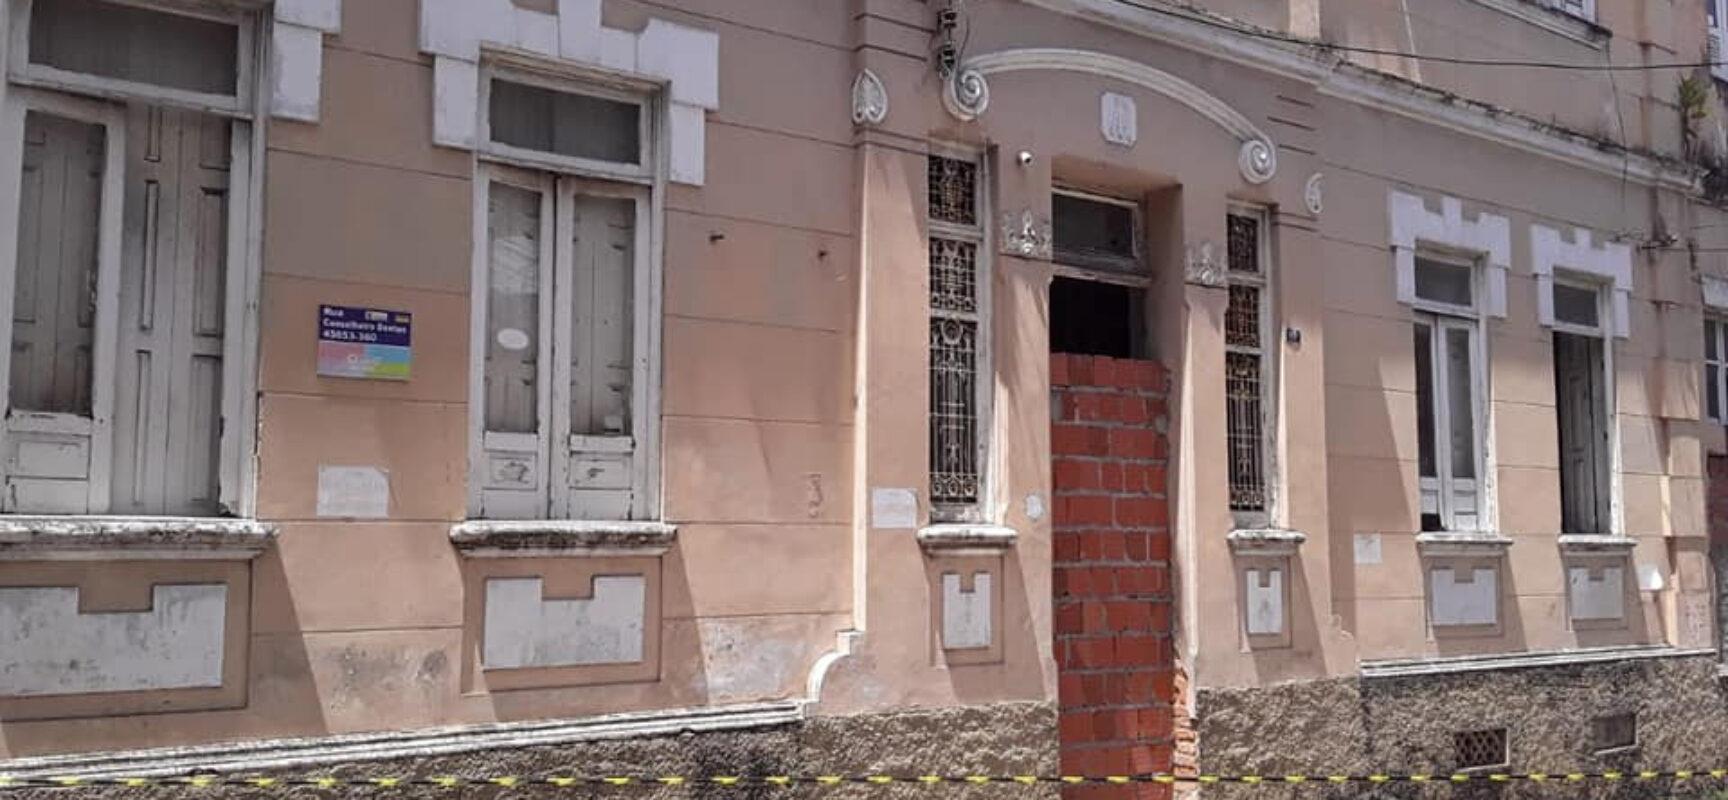 Movimento Preserva Ilhéus denuncia abandono do patrimônio histórico do município aos Ministérios Públicos Estadual e Federal